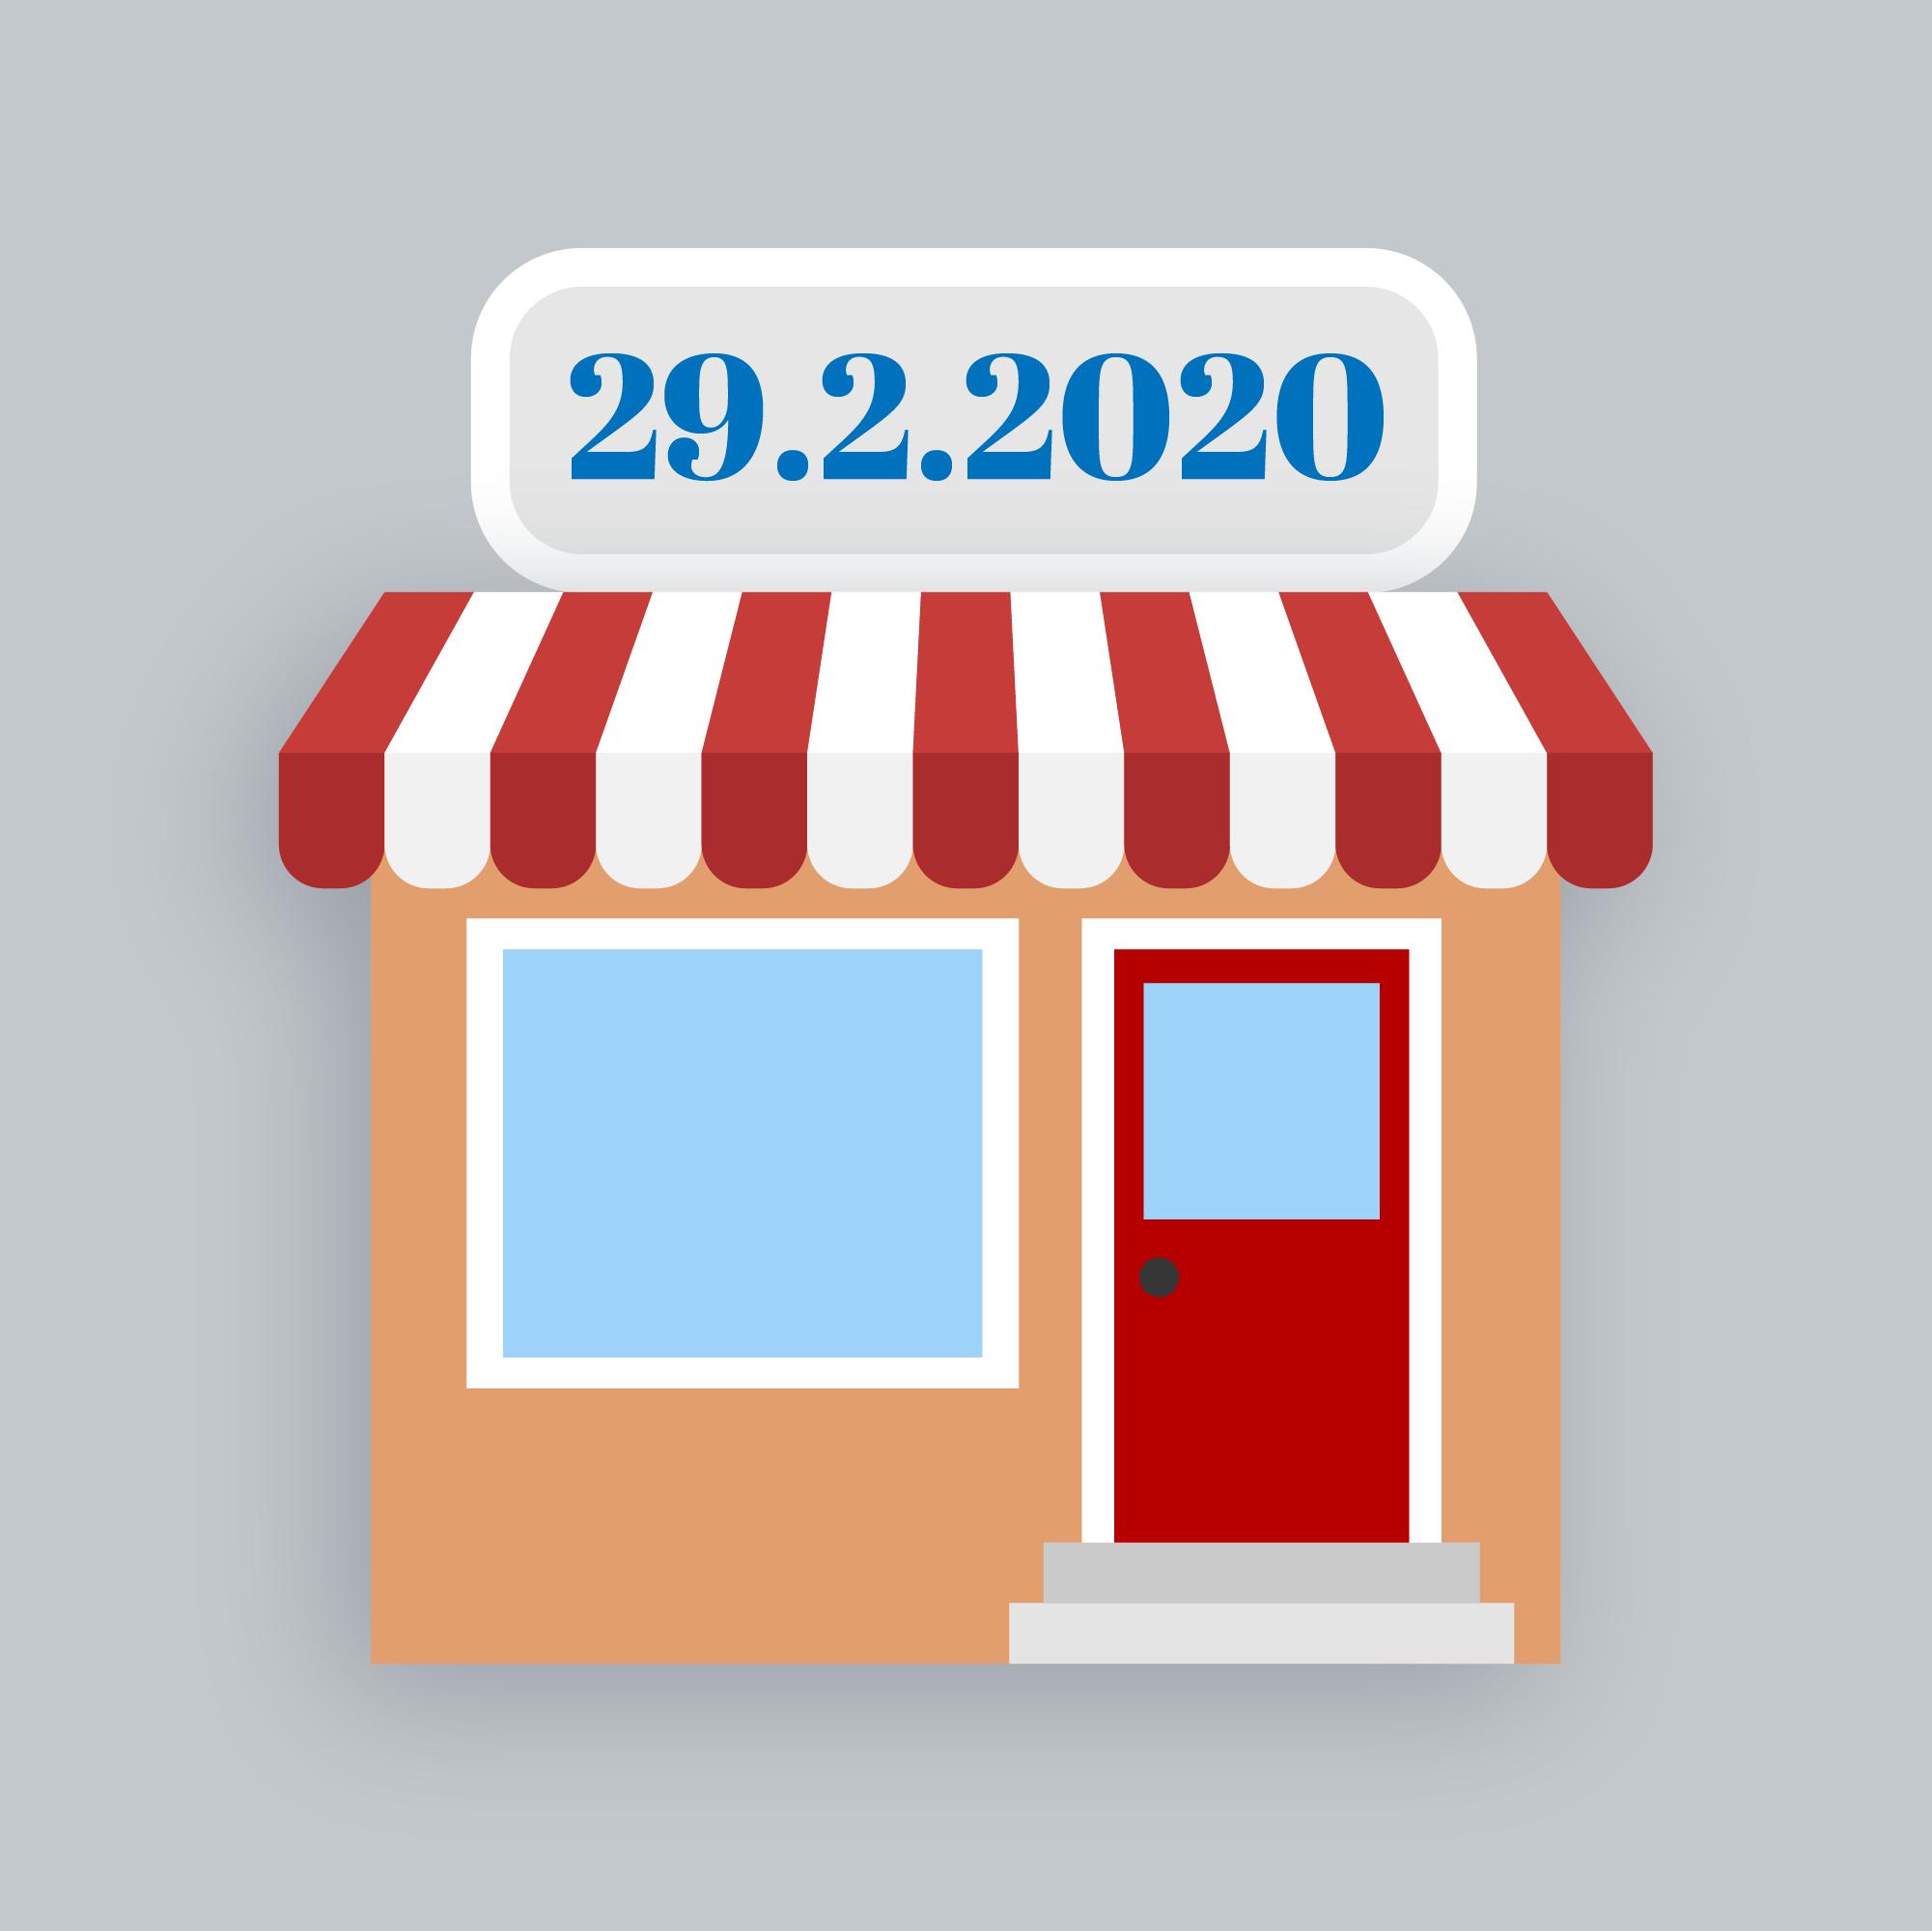 Förderung Digital aufgeLaden Voraussetzung Gründung vor dem 01.03.2020